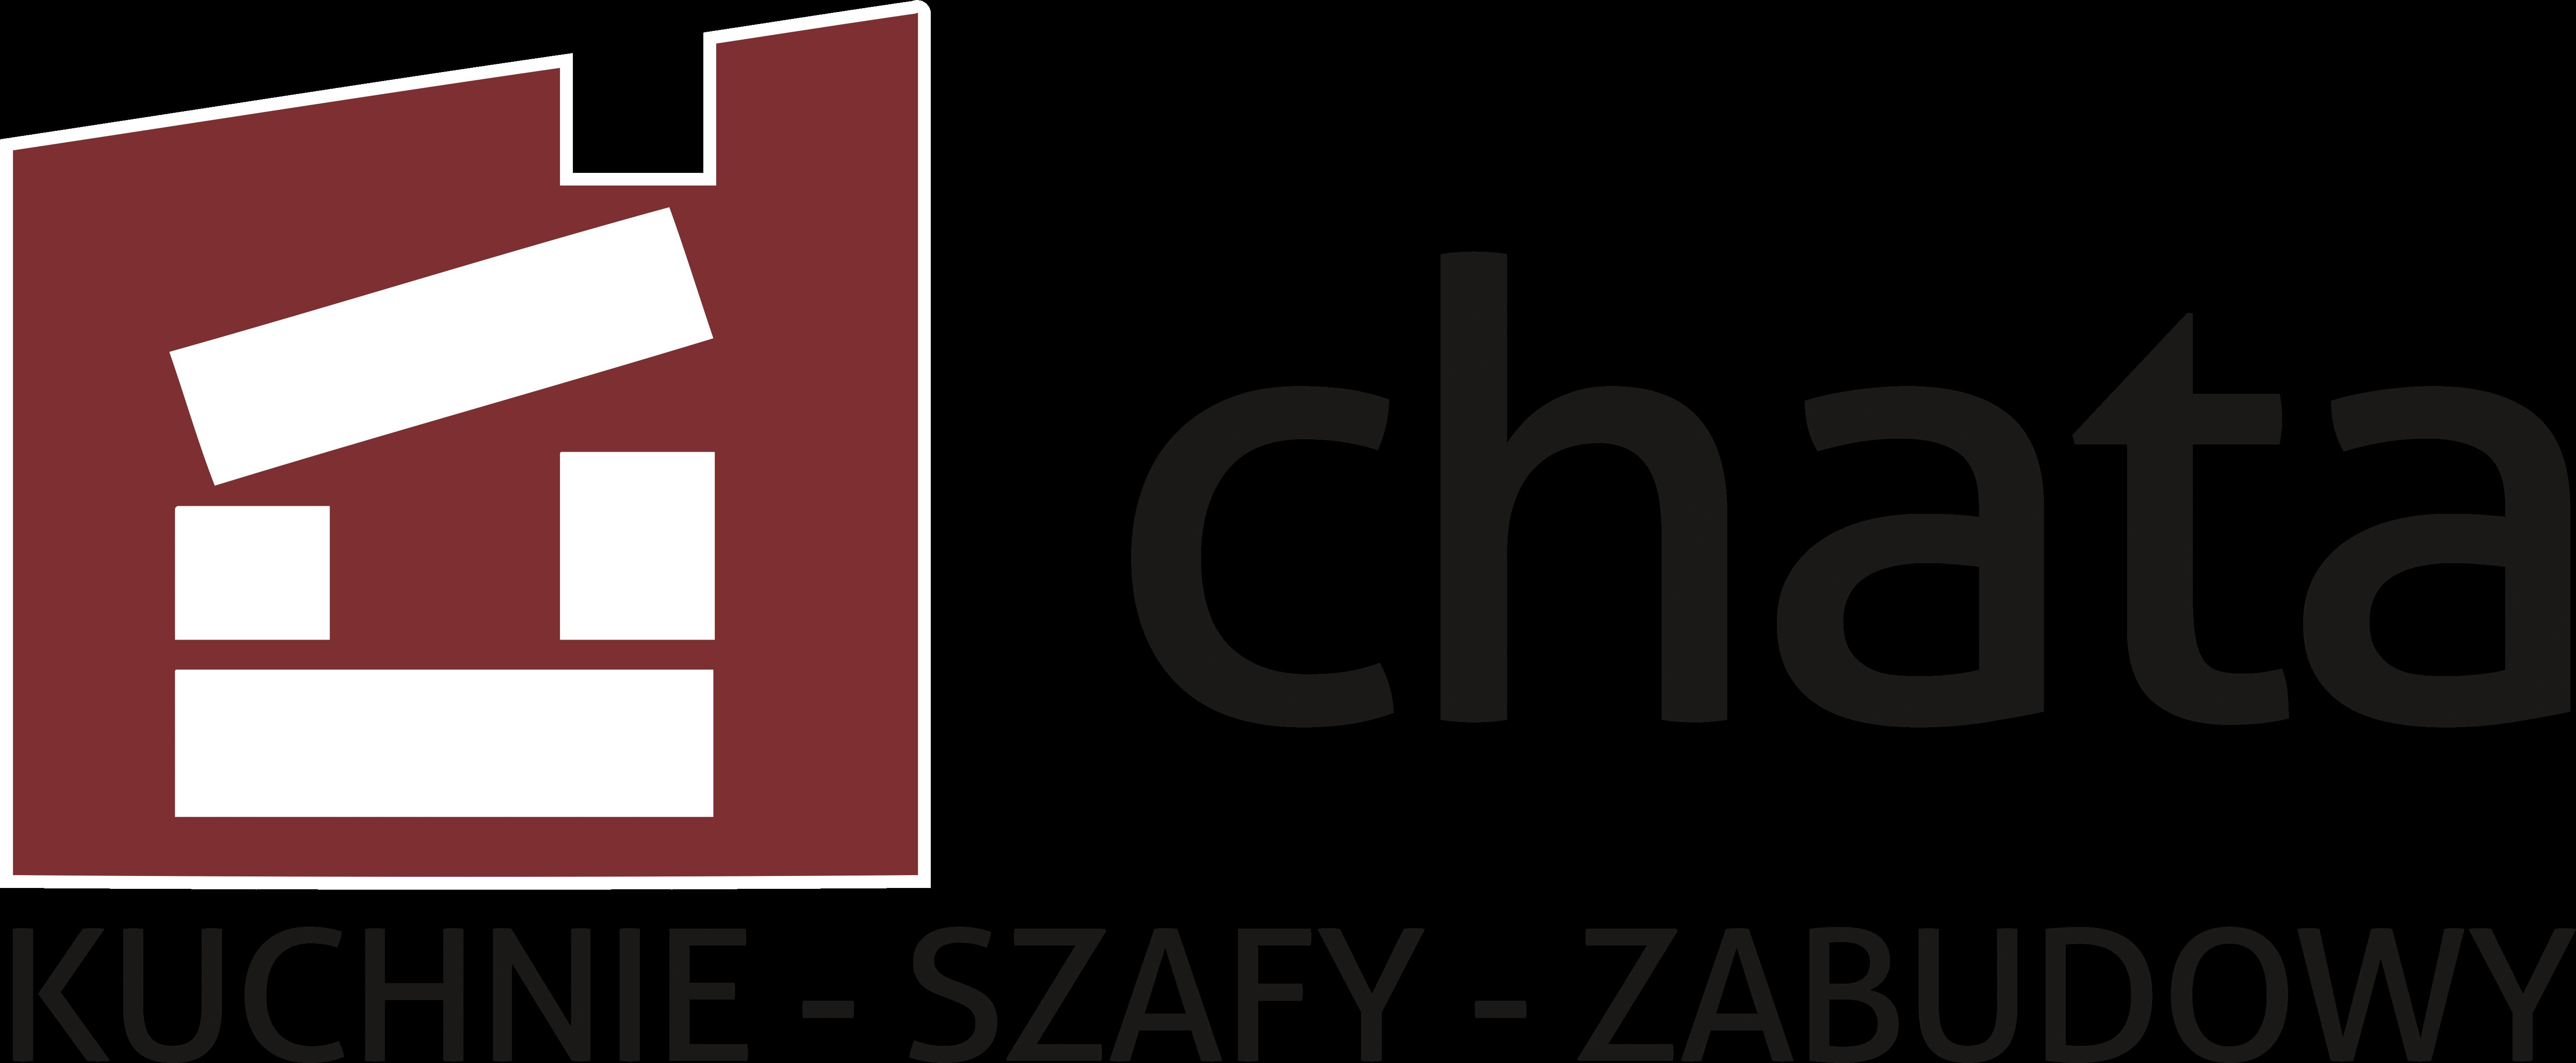 Chata - Kuchnie